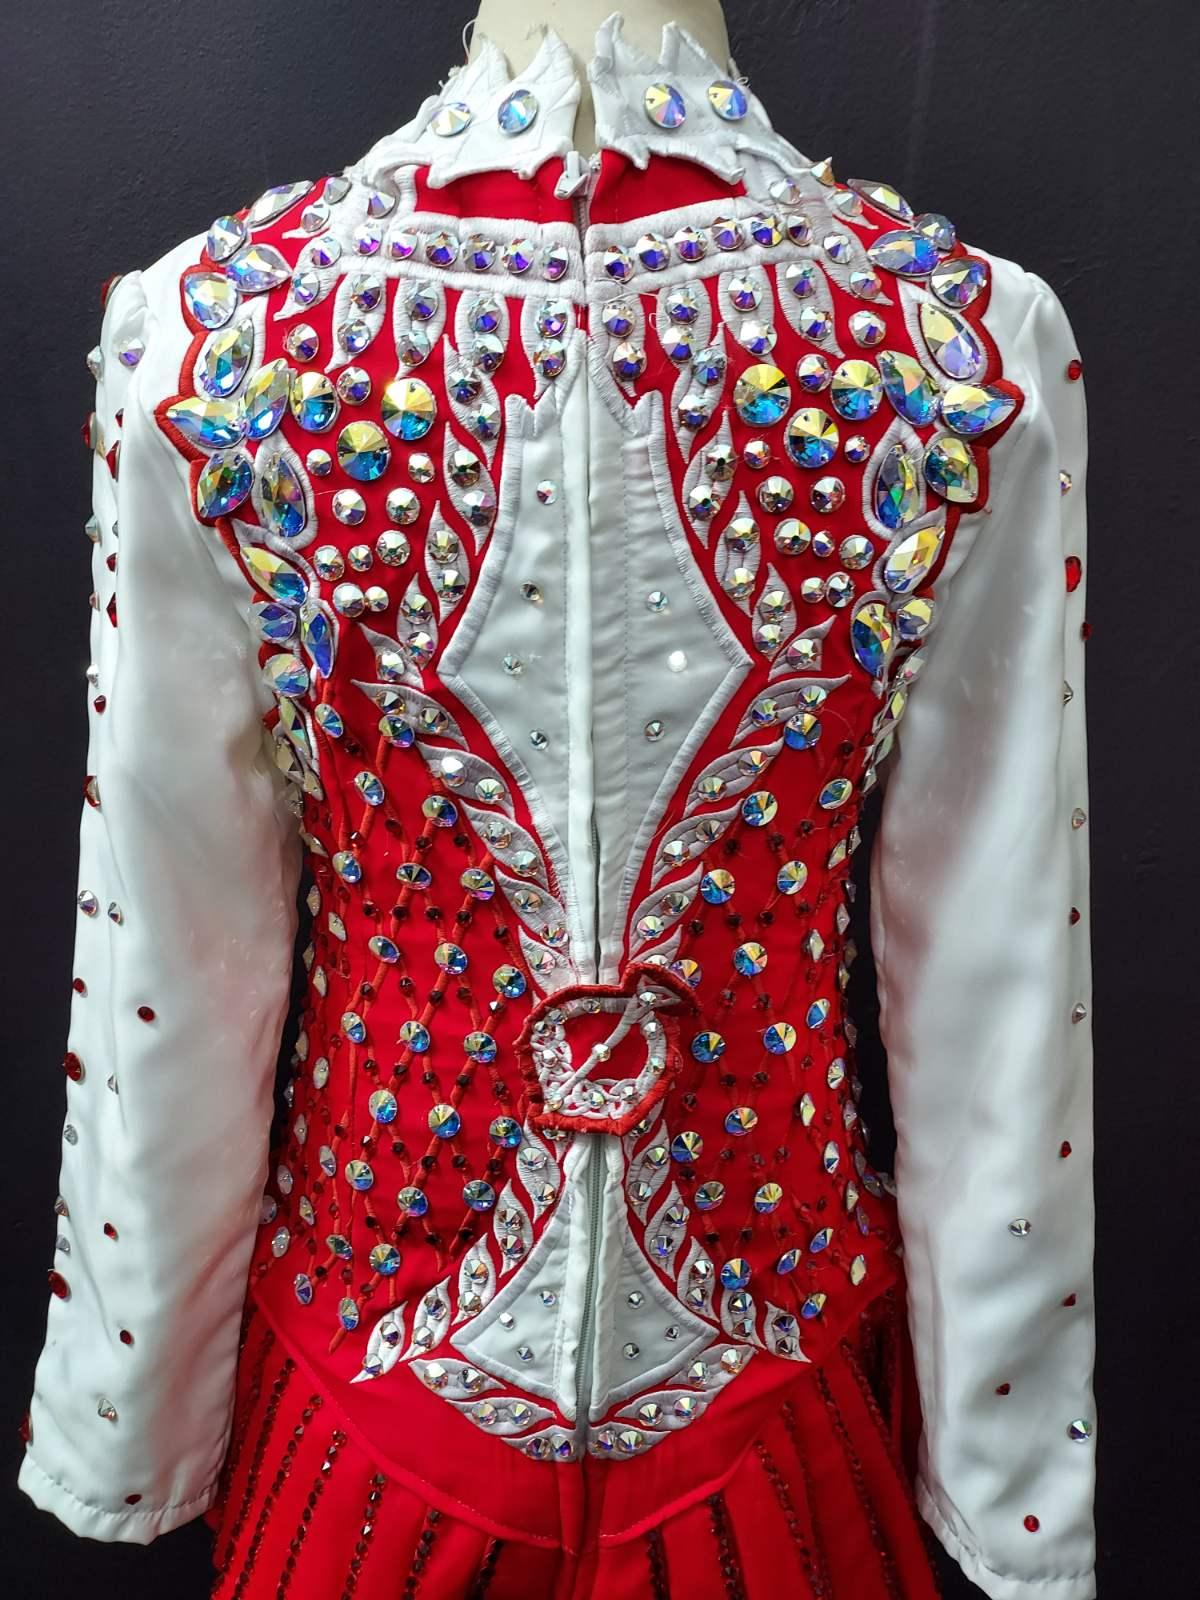 Dress #1978